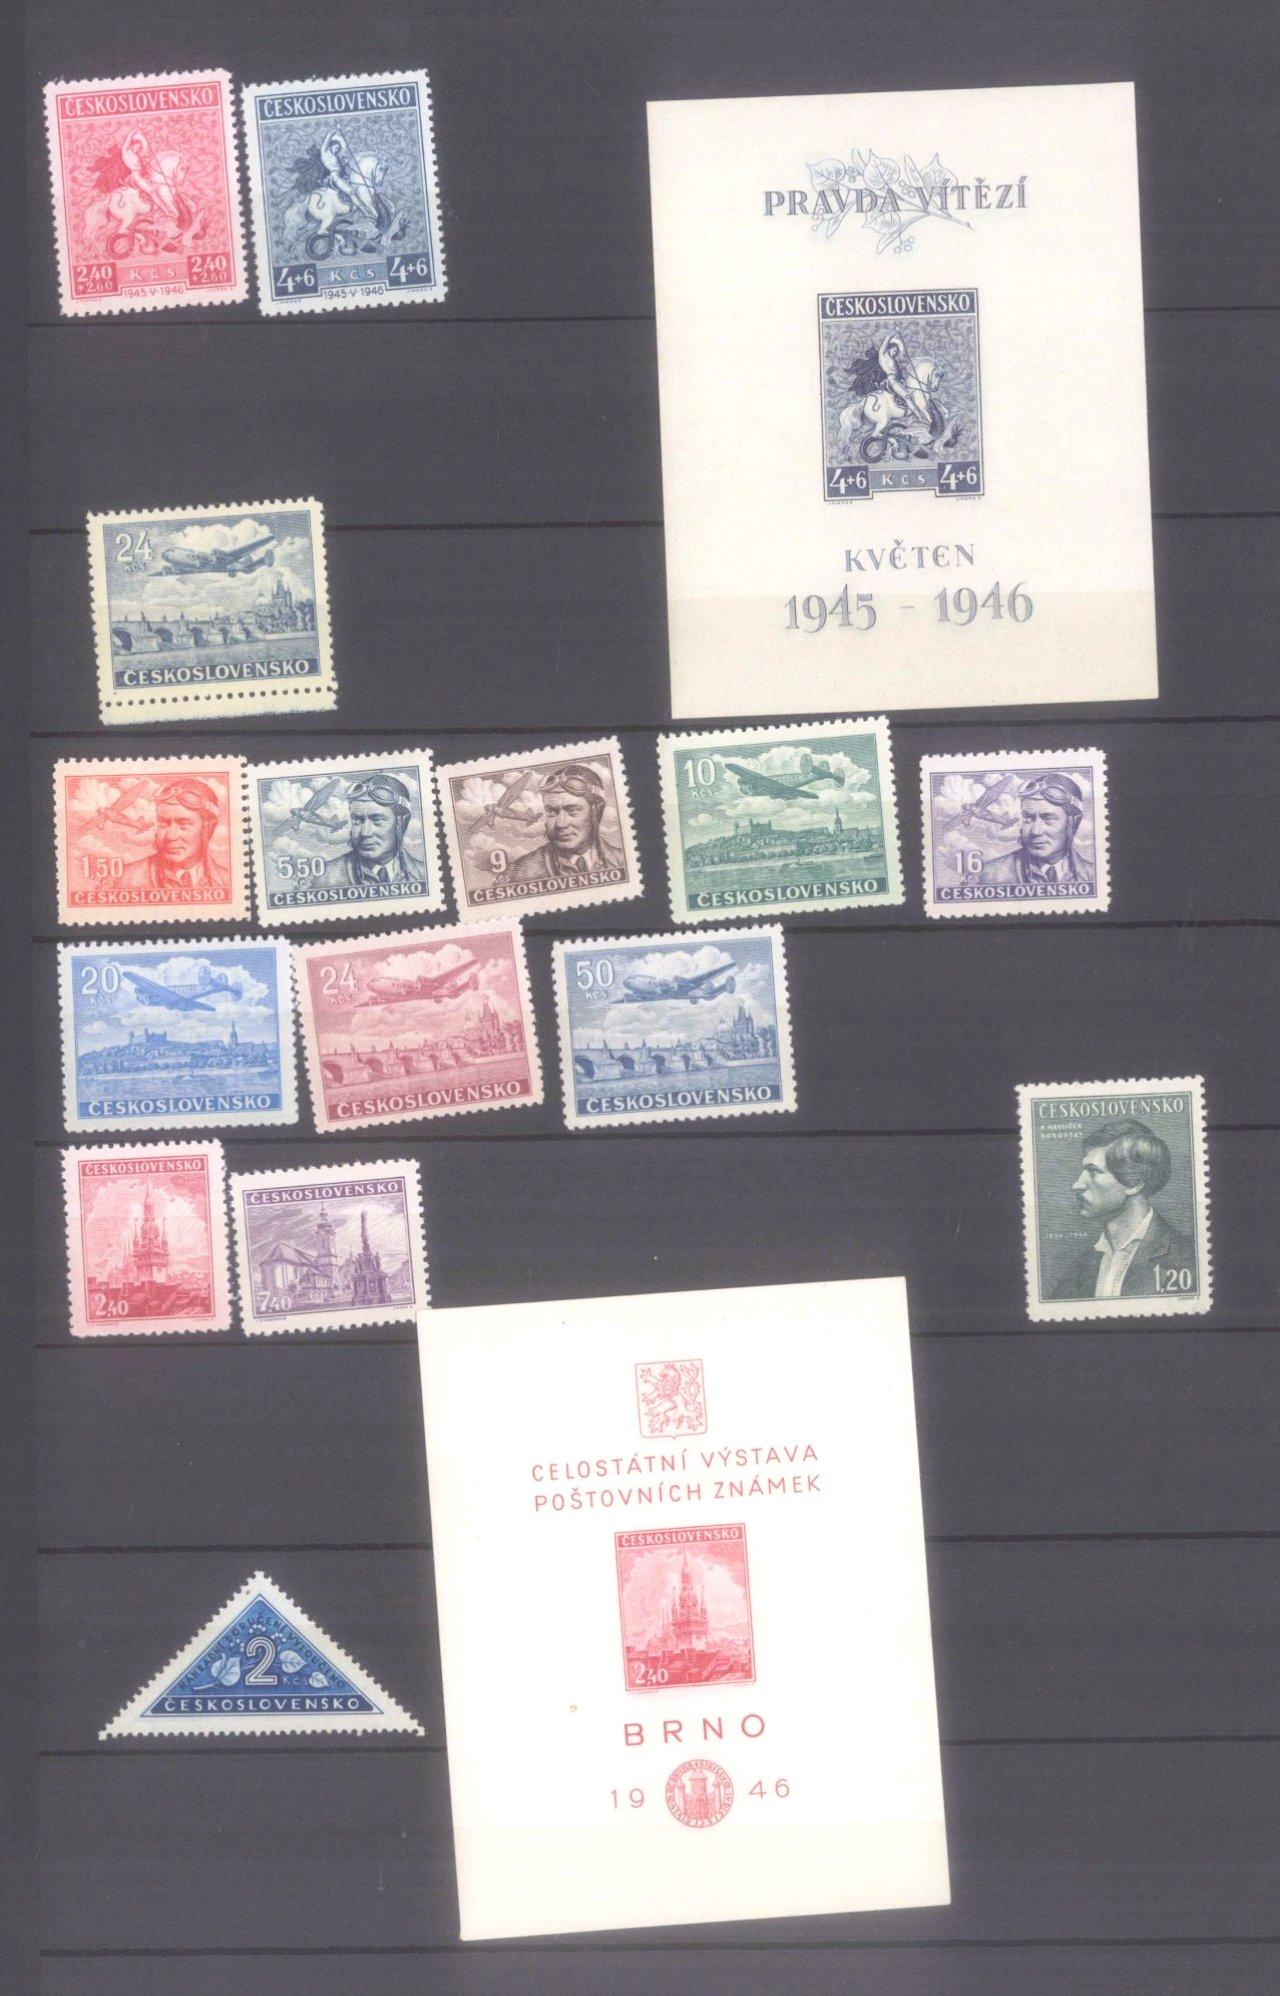 Sammlung CSSR in 6 Alben, dabei auch Bogen-3